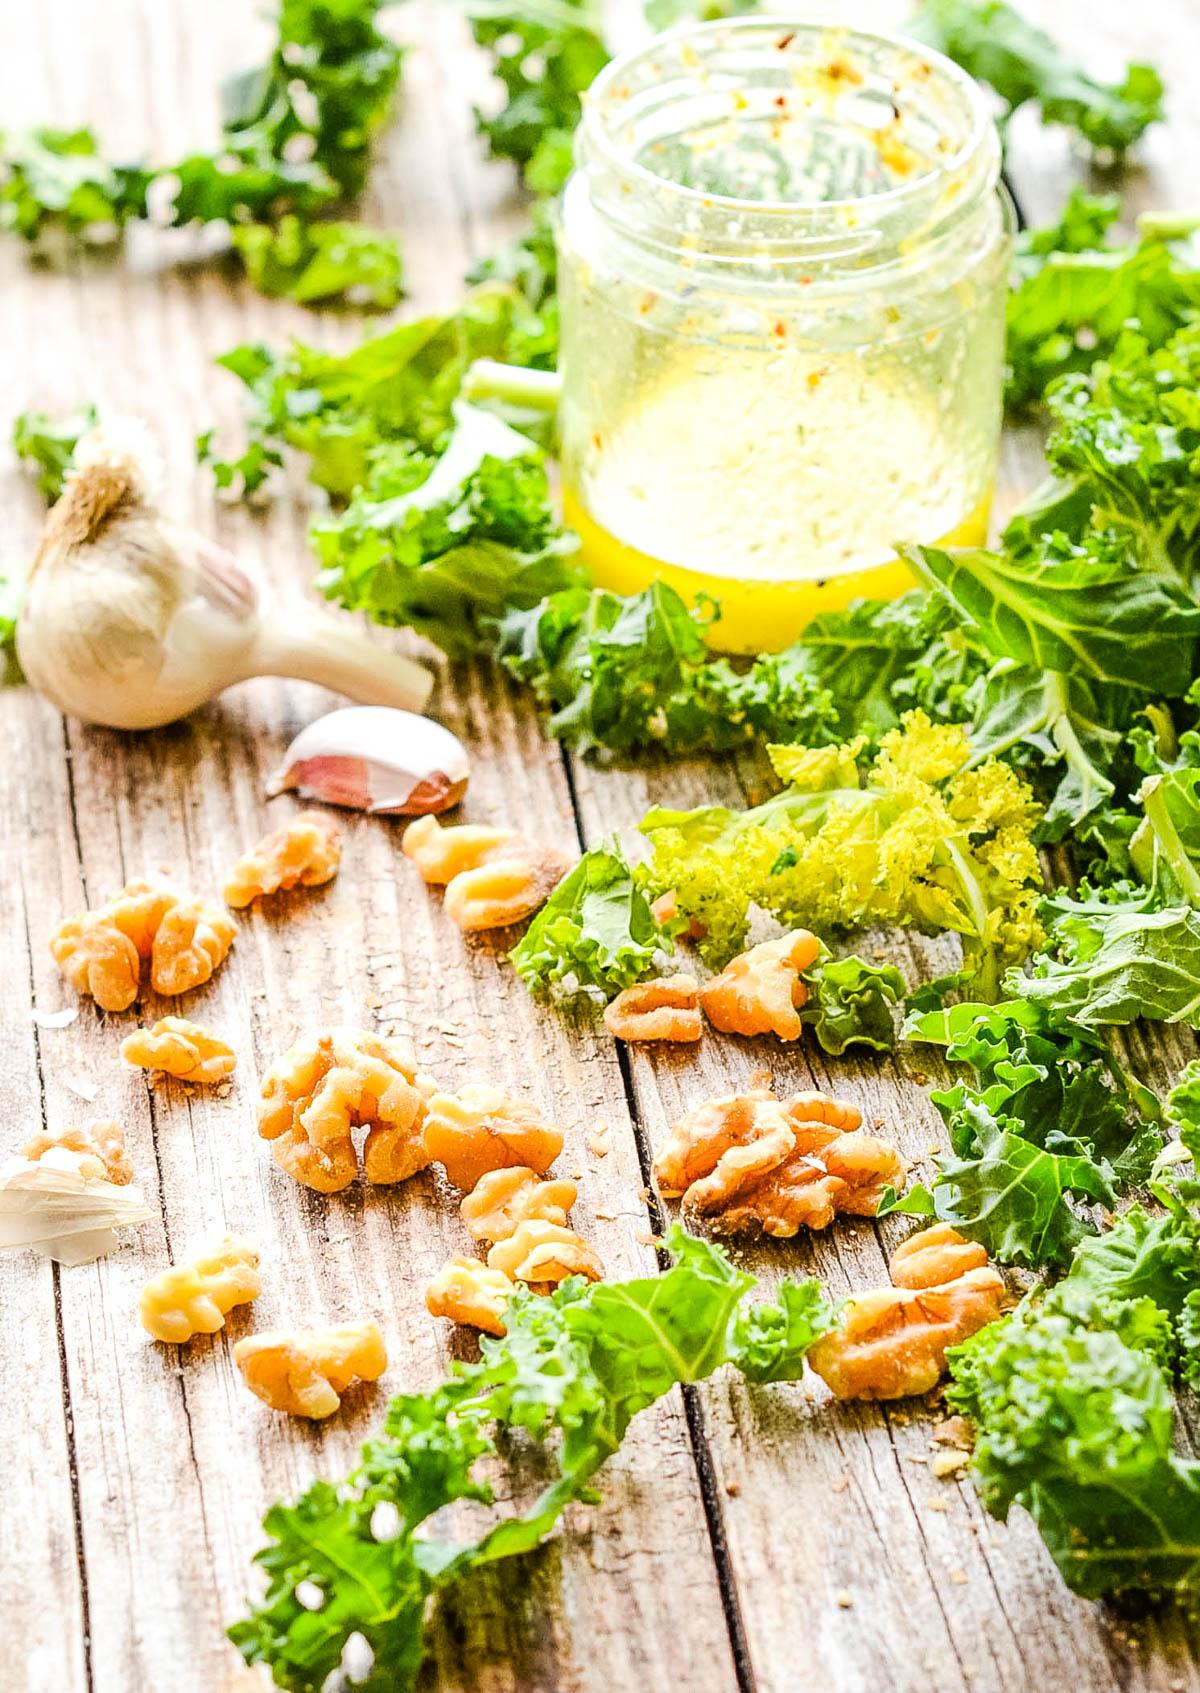 ingredients, kale, garlic, walnuts salad dressing